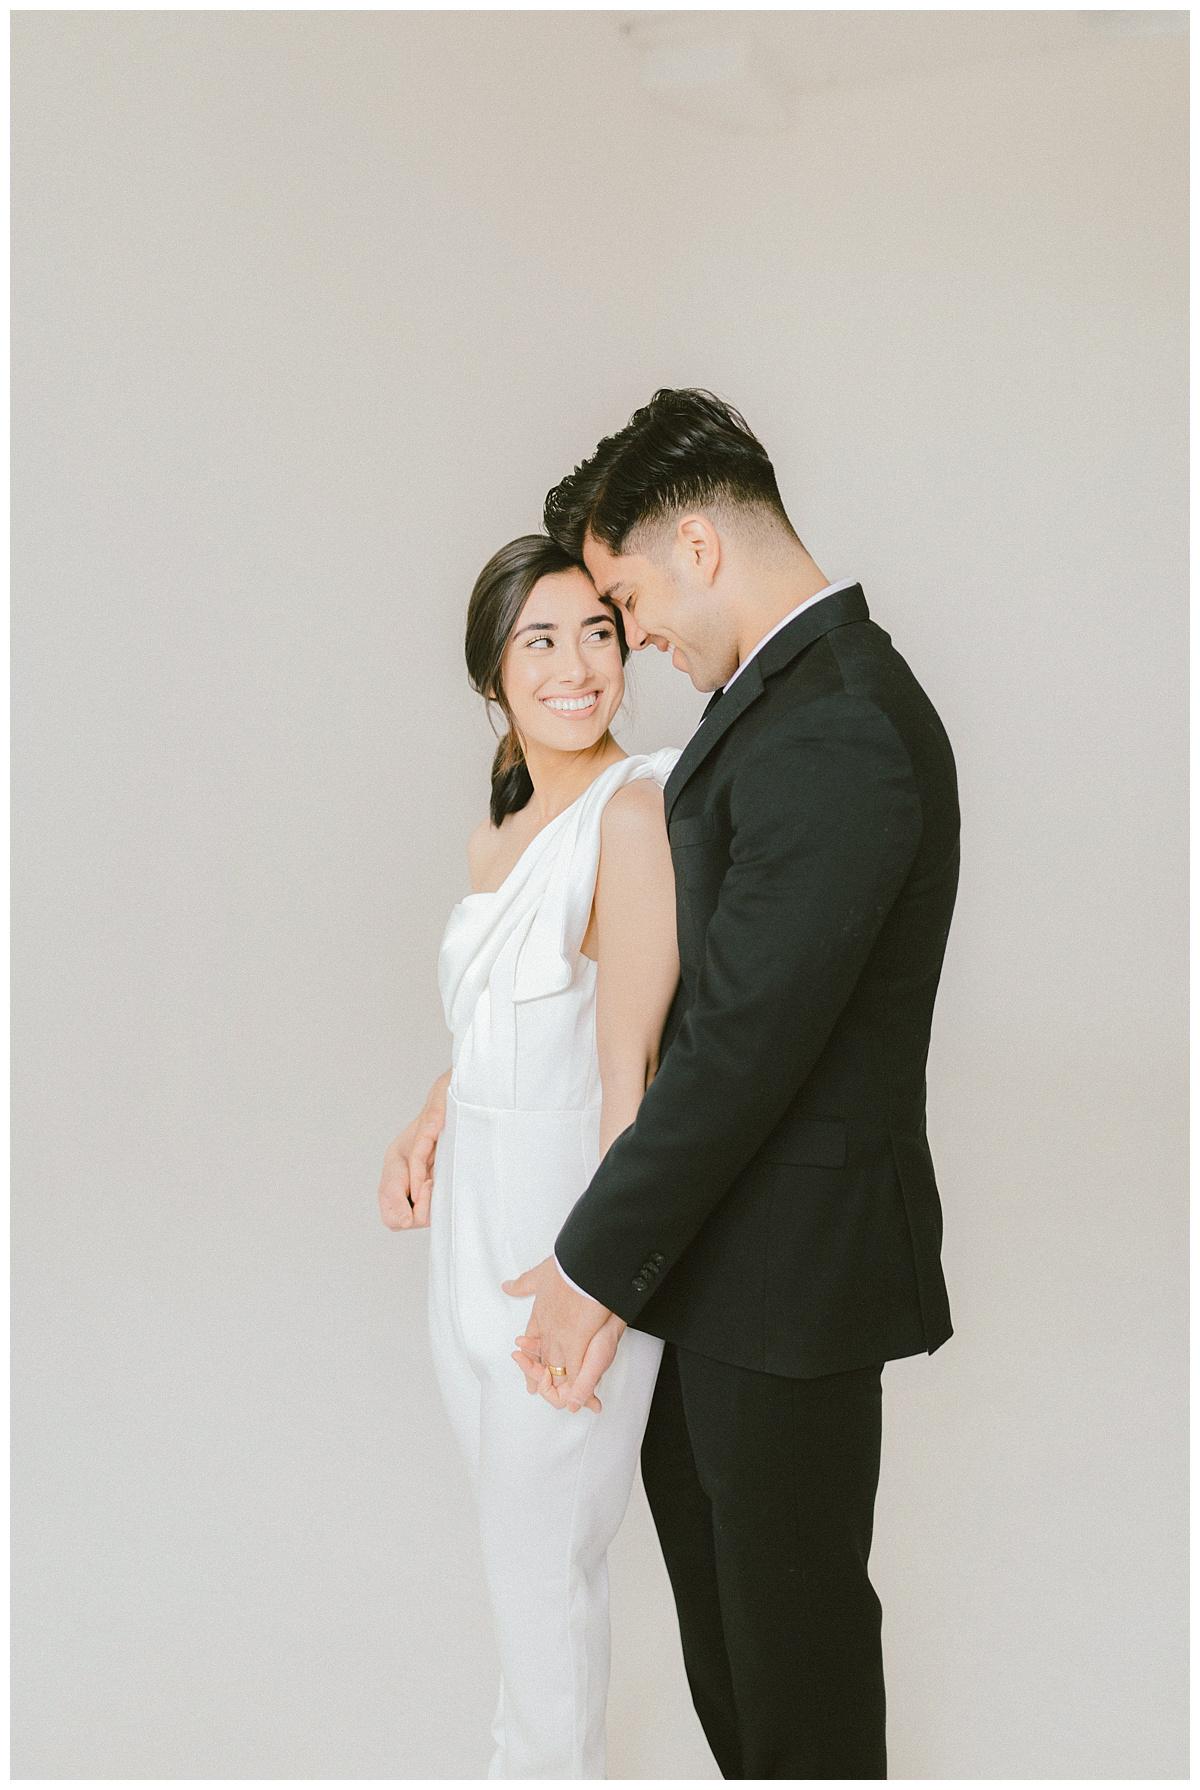 Hong Kong Fine Art Wedding Prewedding Photographer Mattie C. 00024.jpg